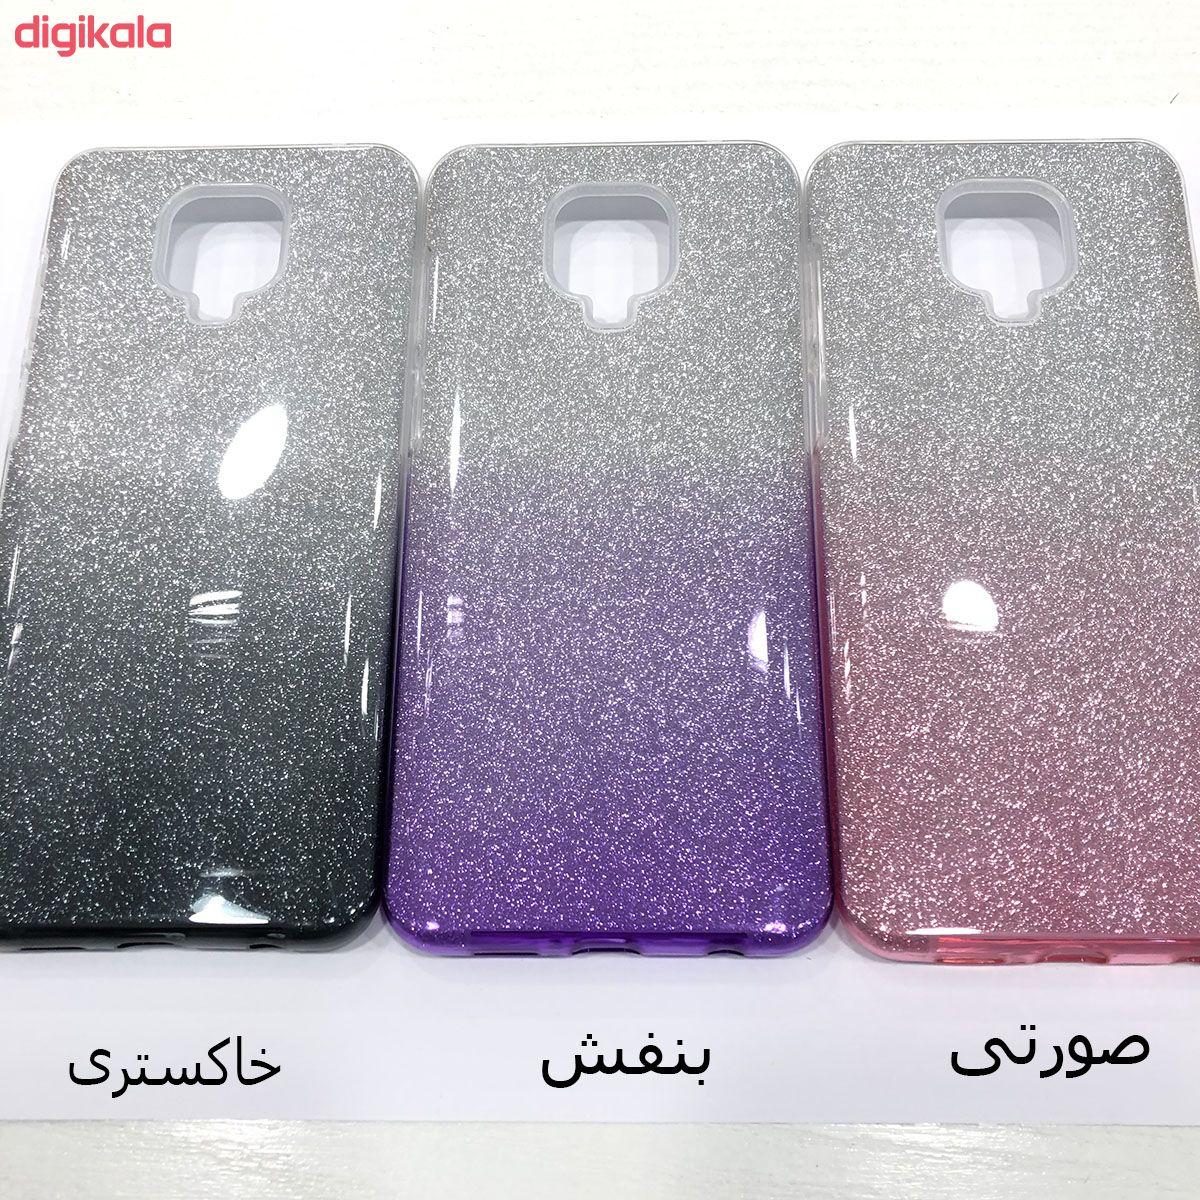 کاور مدل AK-001 موبایل شیائومی Redmi Note 9S / Redmi Note 9 Pro / Redmi Note 9 Pro Max main 1 2